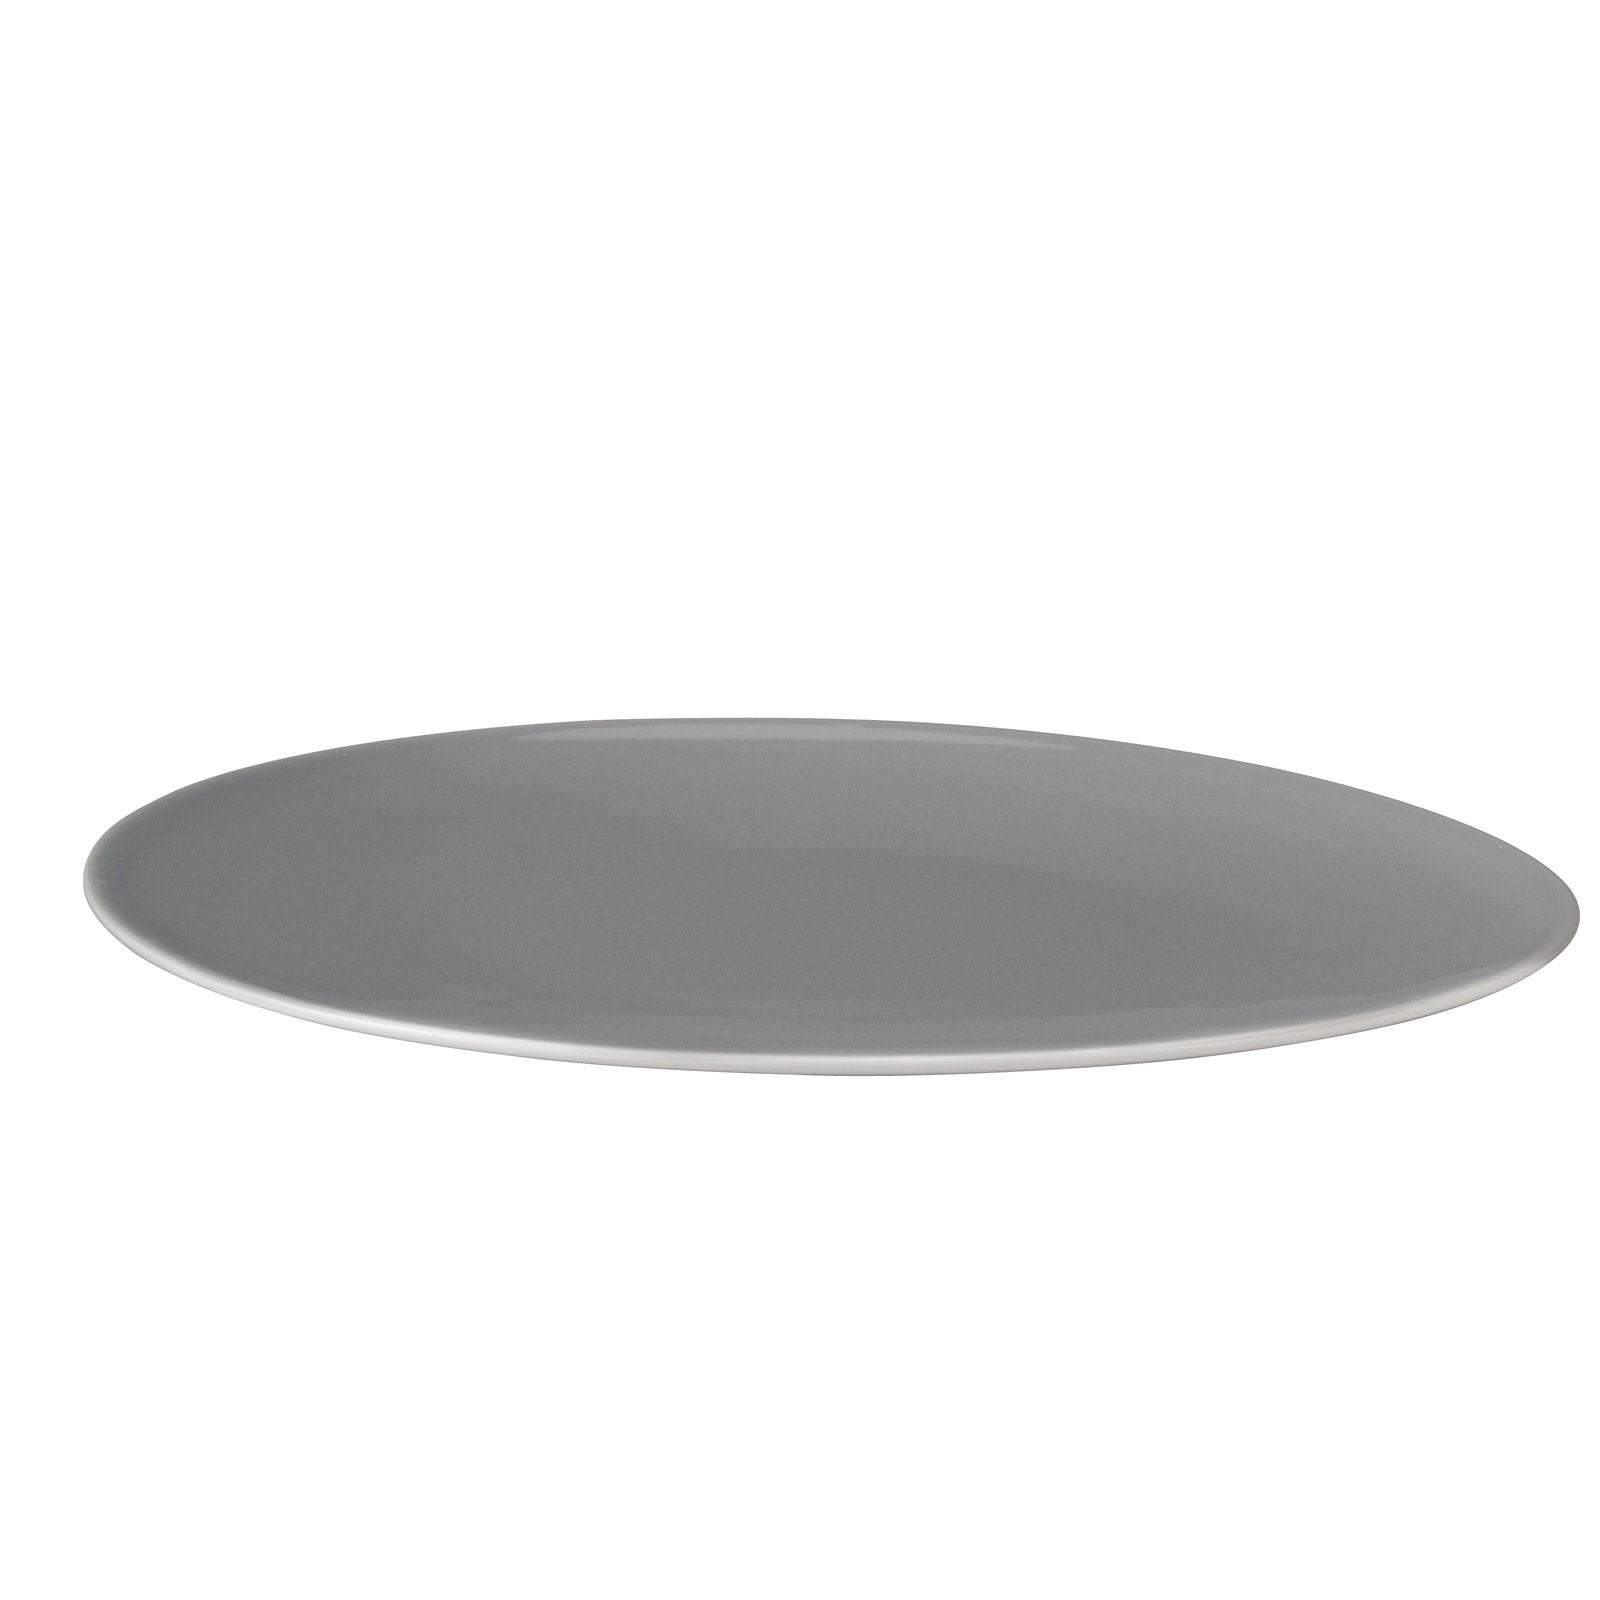 stelton Emma Kuchenteller Teller 2-teilig grau Ø 22 cm